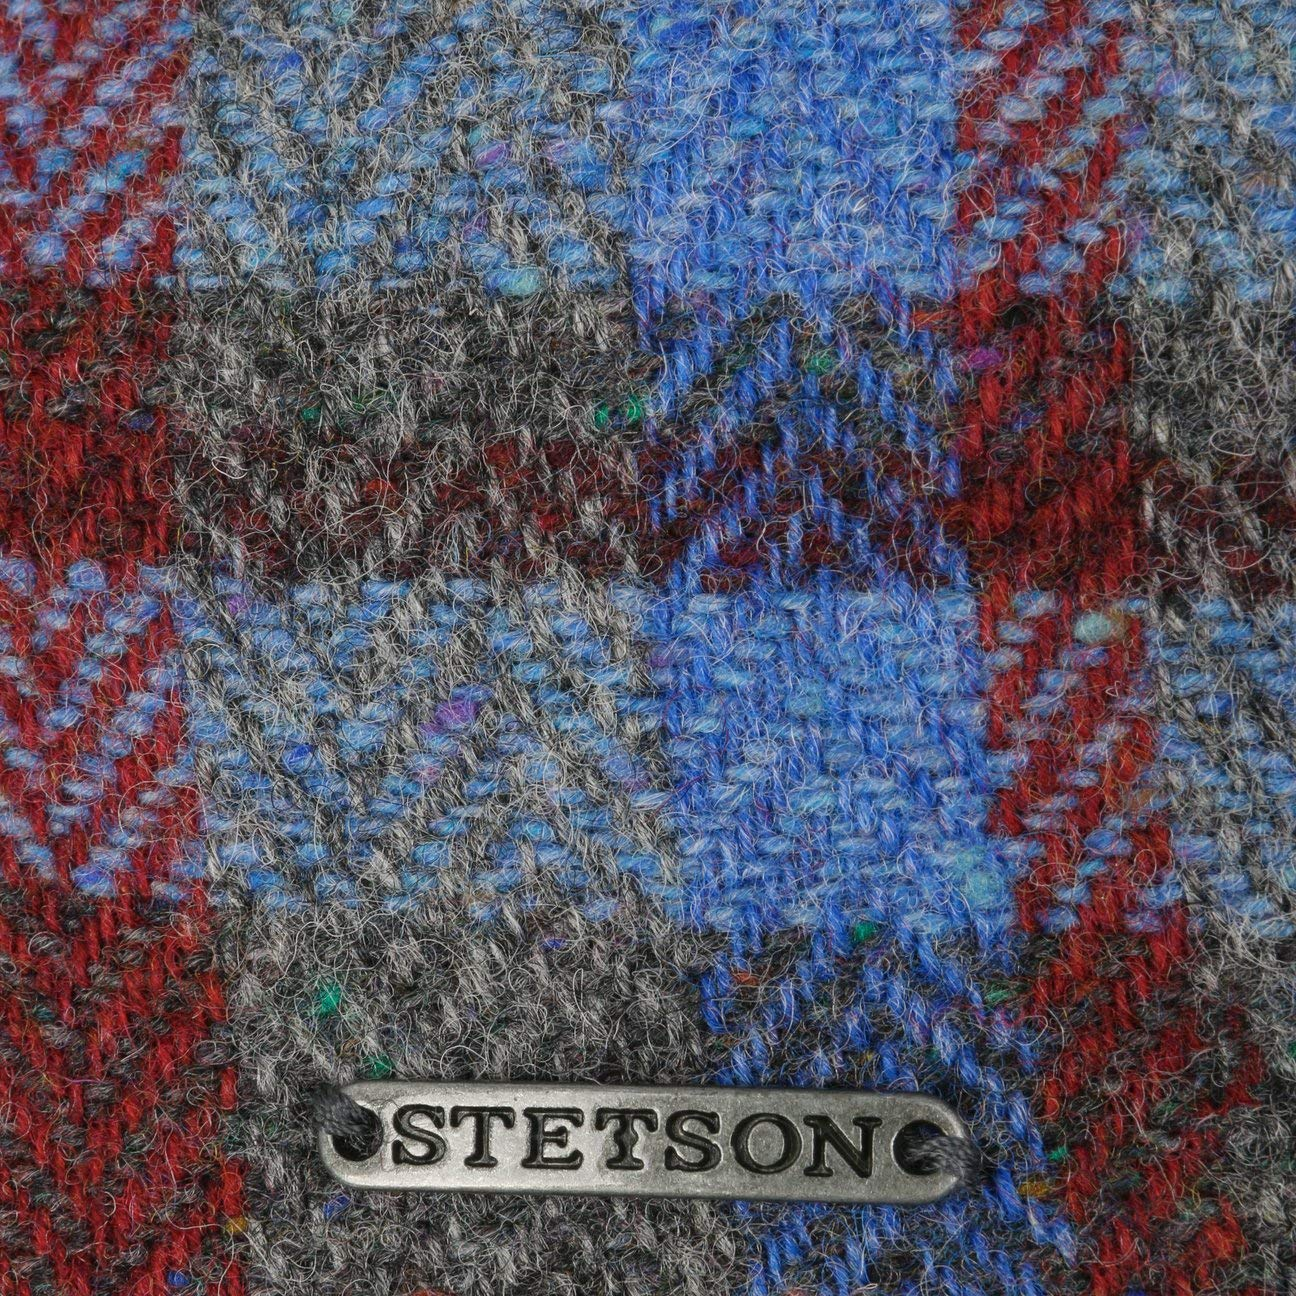 Stetson Gorra Lana de Cordero Patchwork Hombre Forro oto/ño//Invierno Made in The EU Gorro Ivy con Visera